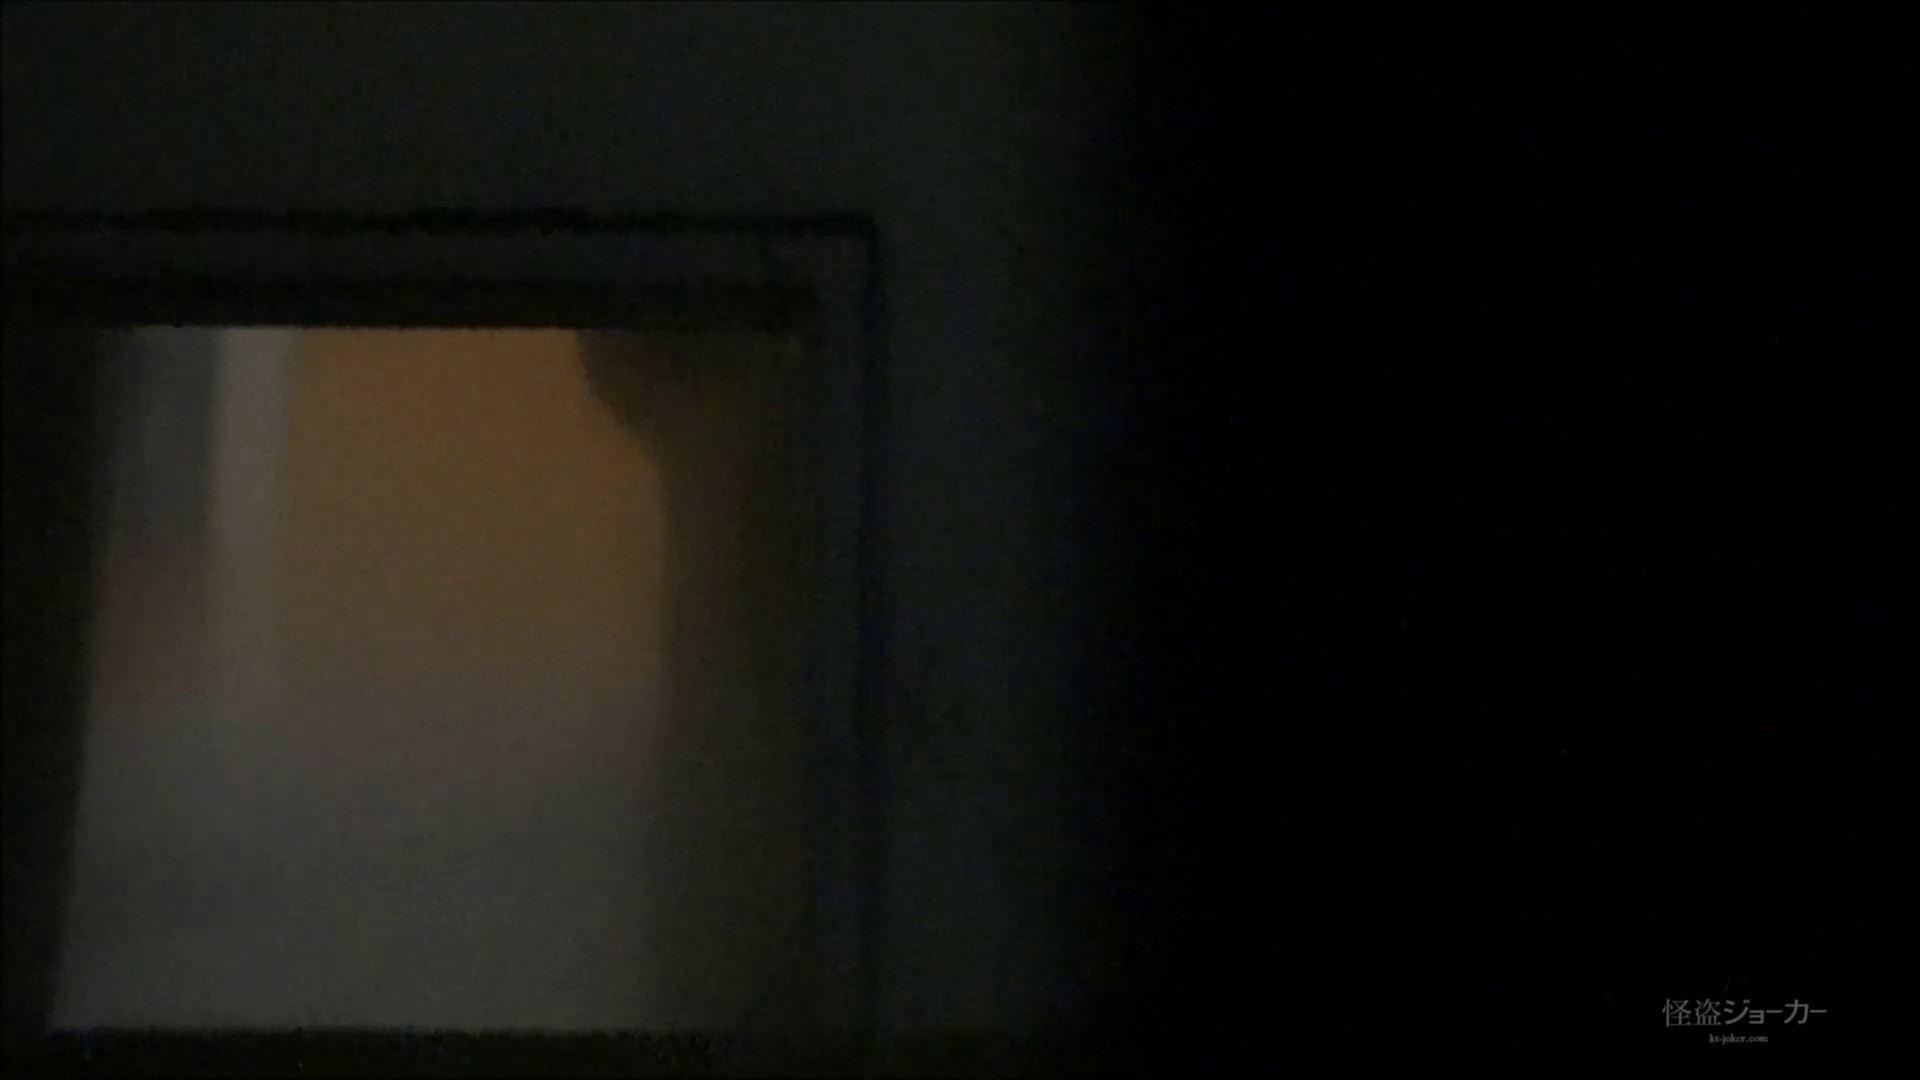 覗き見 Vol.3 覗き見 Vol.3♀ 向かいのお女市さん。 民家 ヌード画像 59画像 3